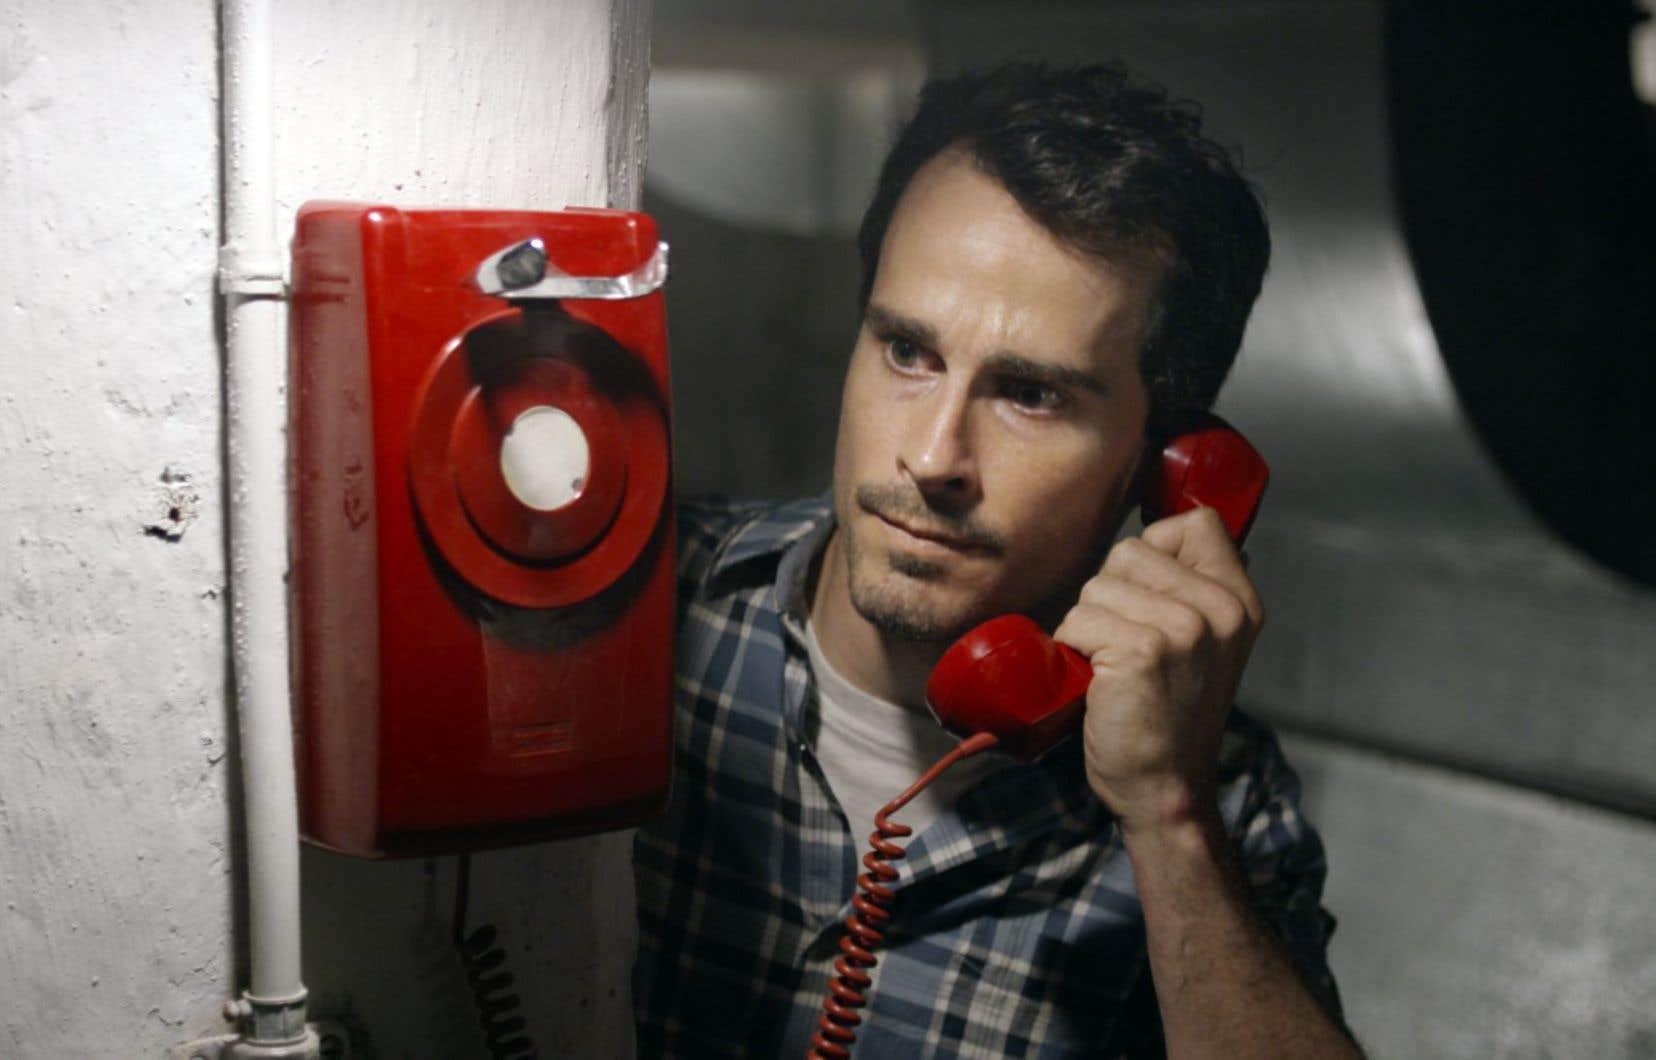 Dans le premier épisode de «Missing», Roy Dupuis joue le rôle de Sam, un détective qui enquête sur une série de disparitions, tandis que Patrick Hivon (photo) incarne la dernière victime en date, Dave, que le joueur-spectateur doit aider en faisant avancer l'intrigue.